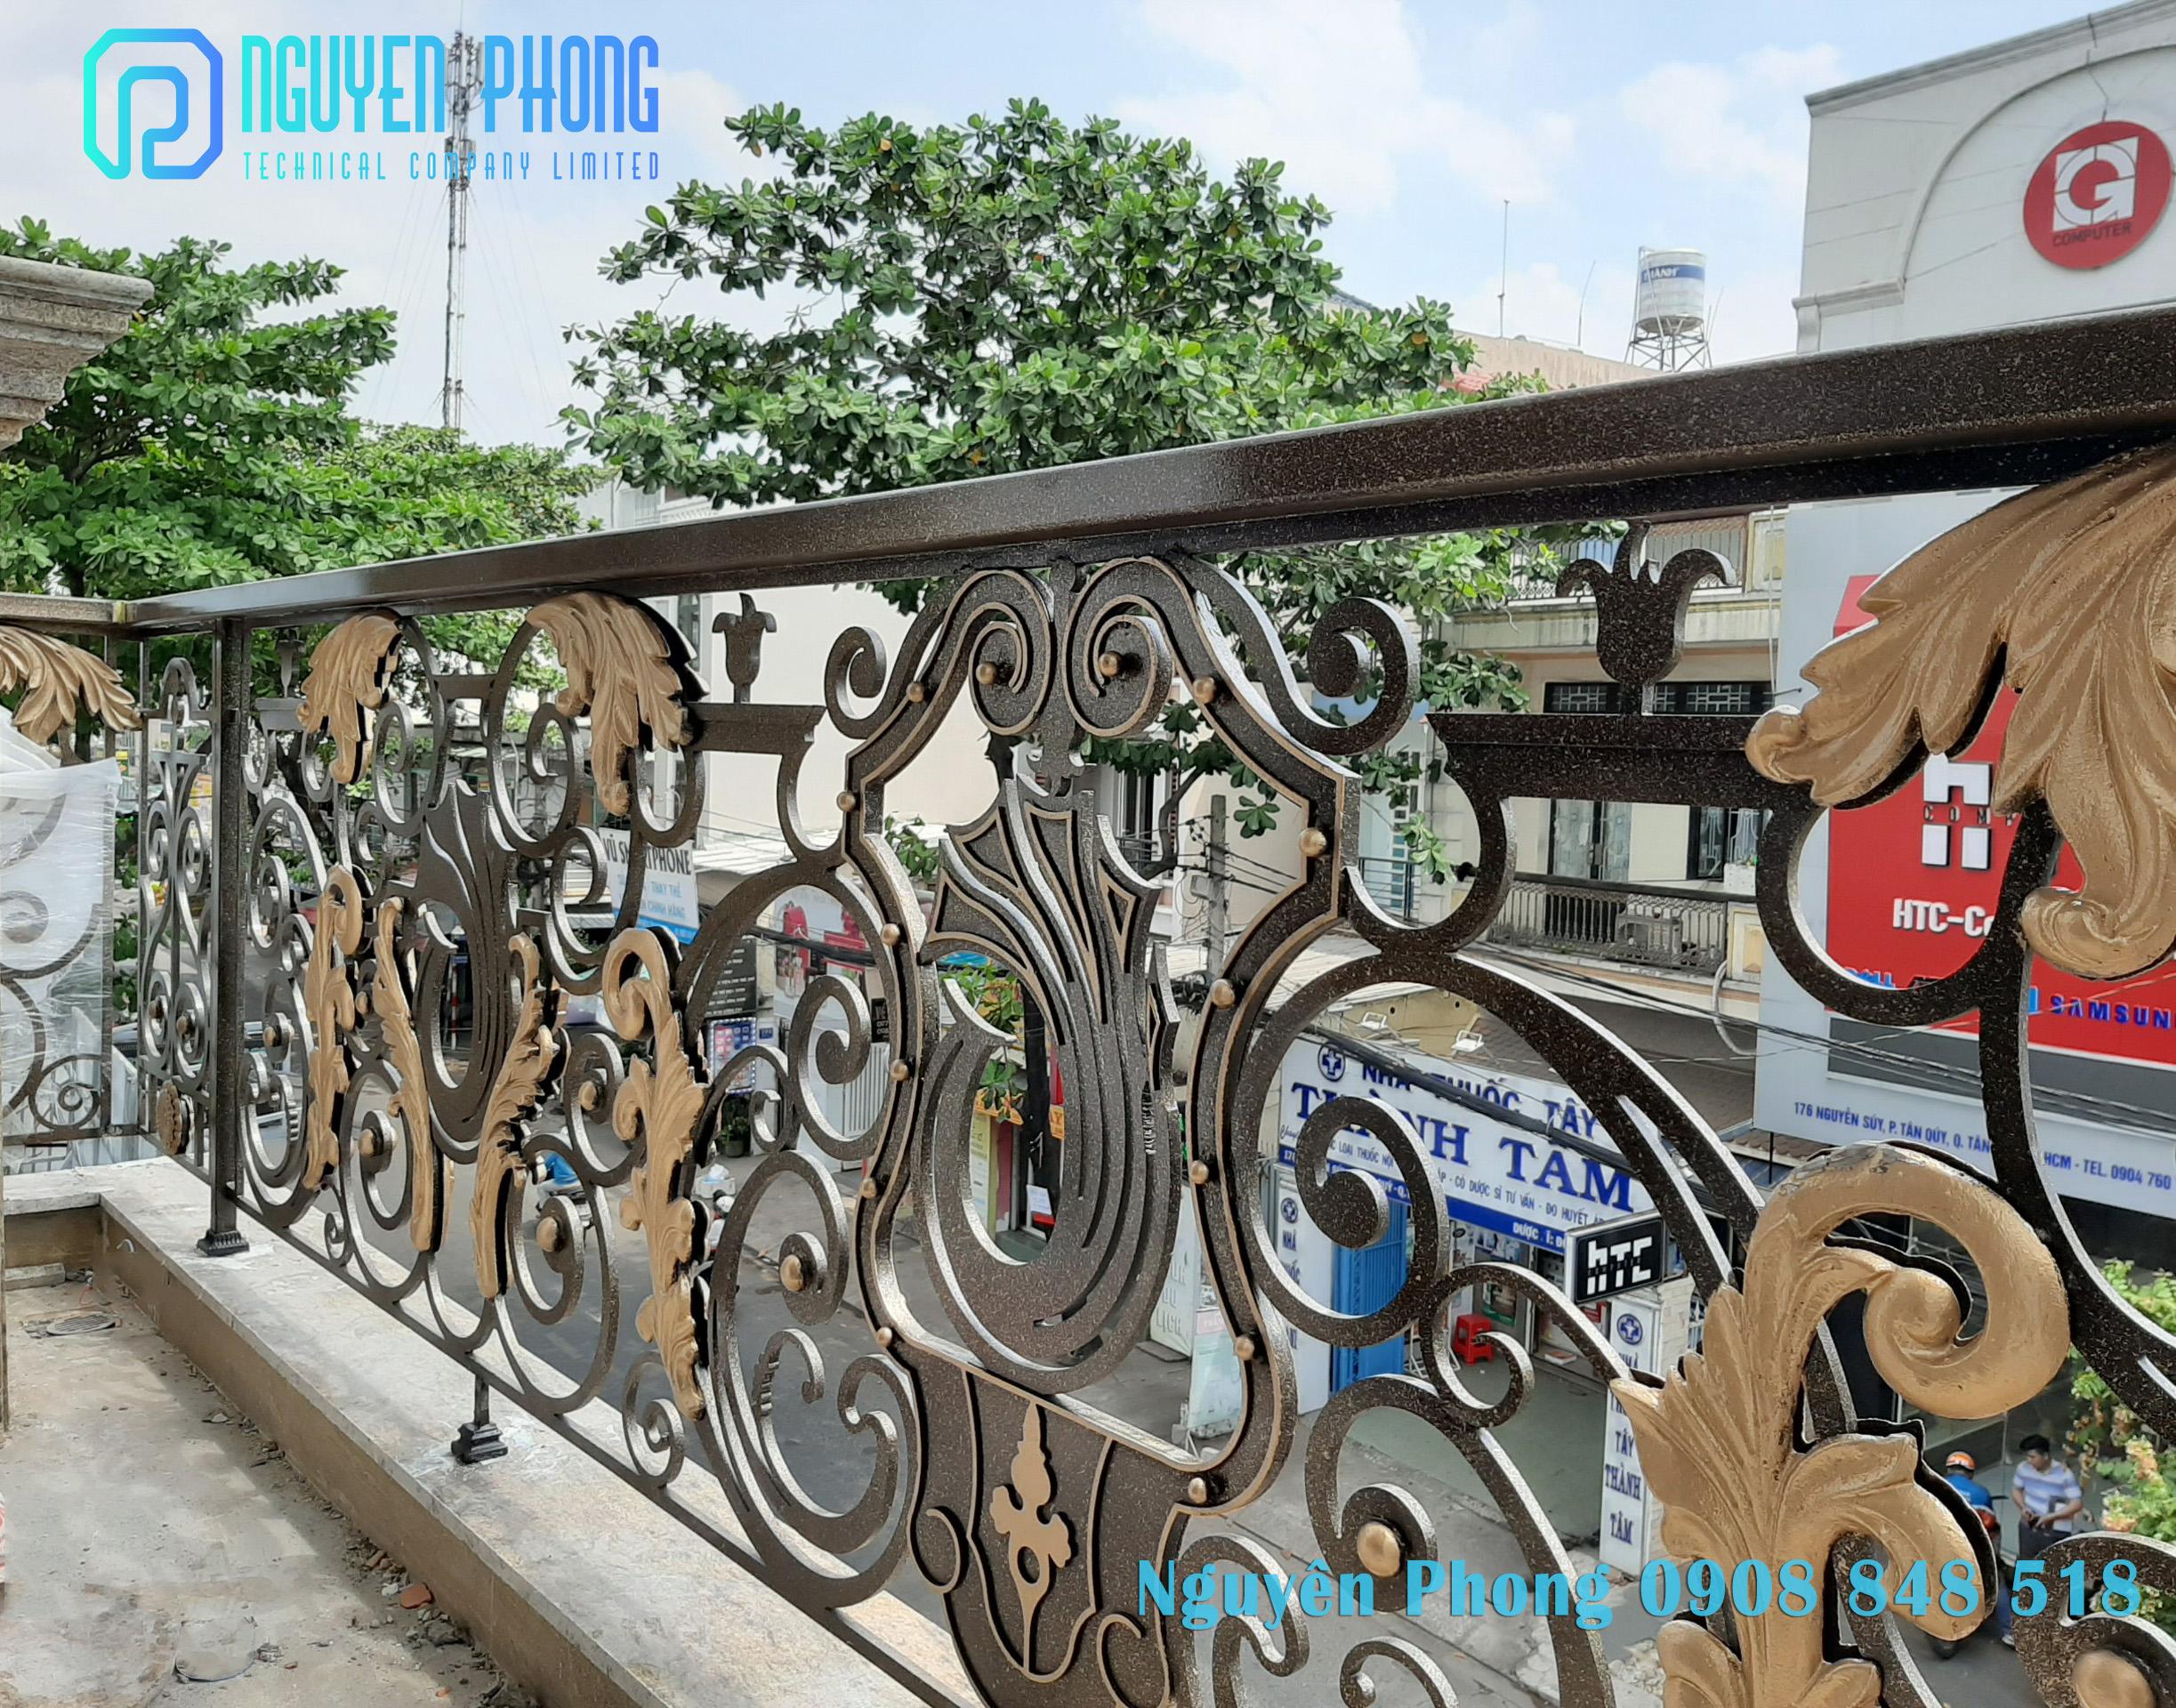 Cung cấp, thi công trọn gói cổng cửa, hàng rào, lan can, vách ngăn sắt nghệ thuật đẹp nhất 2020